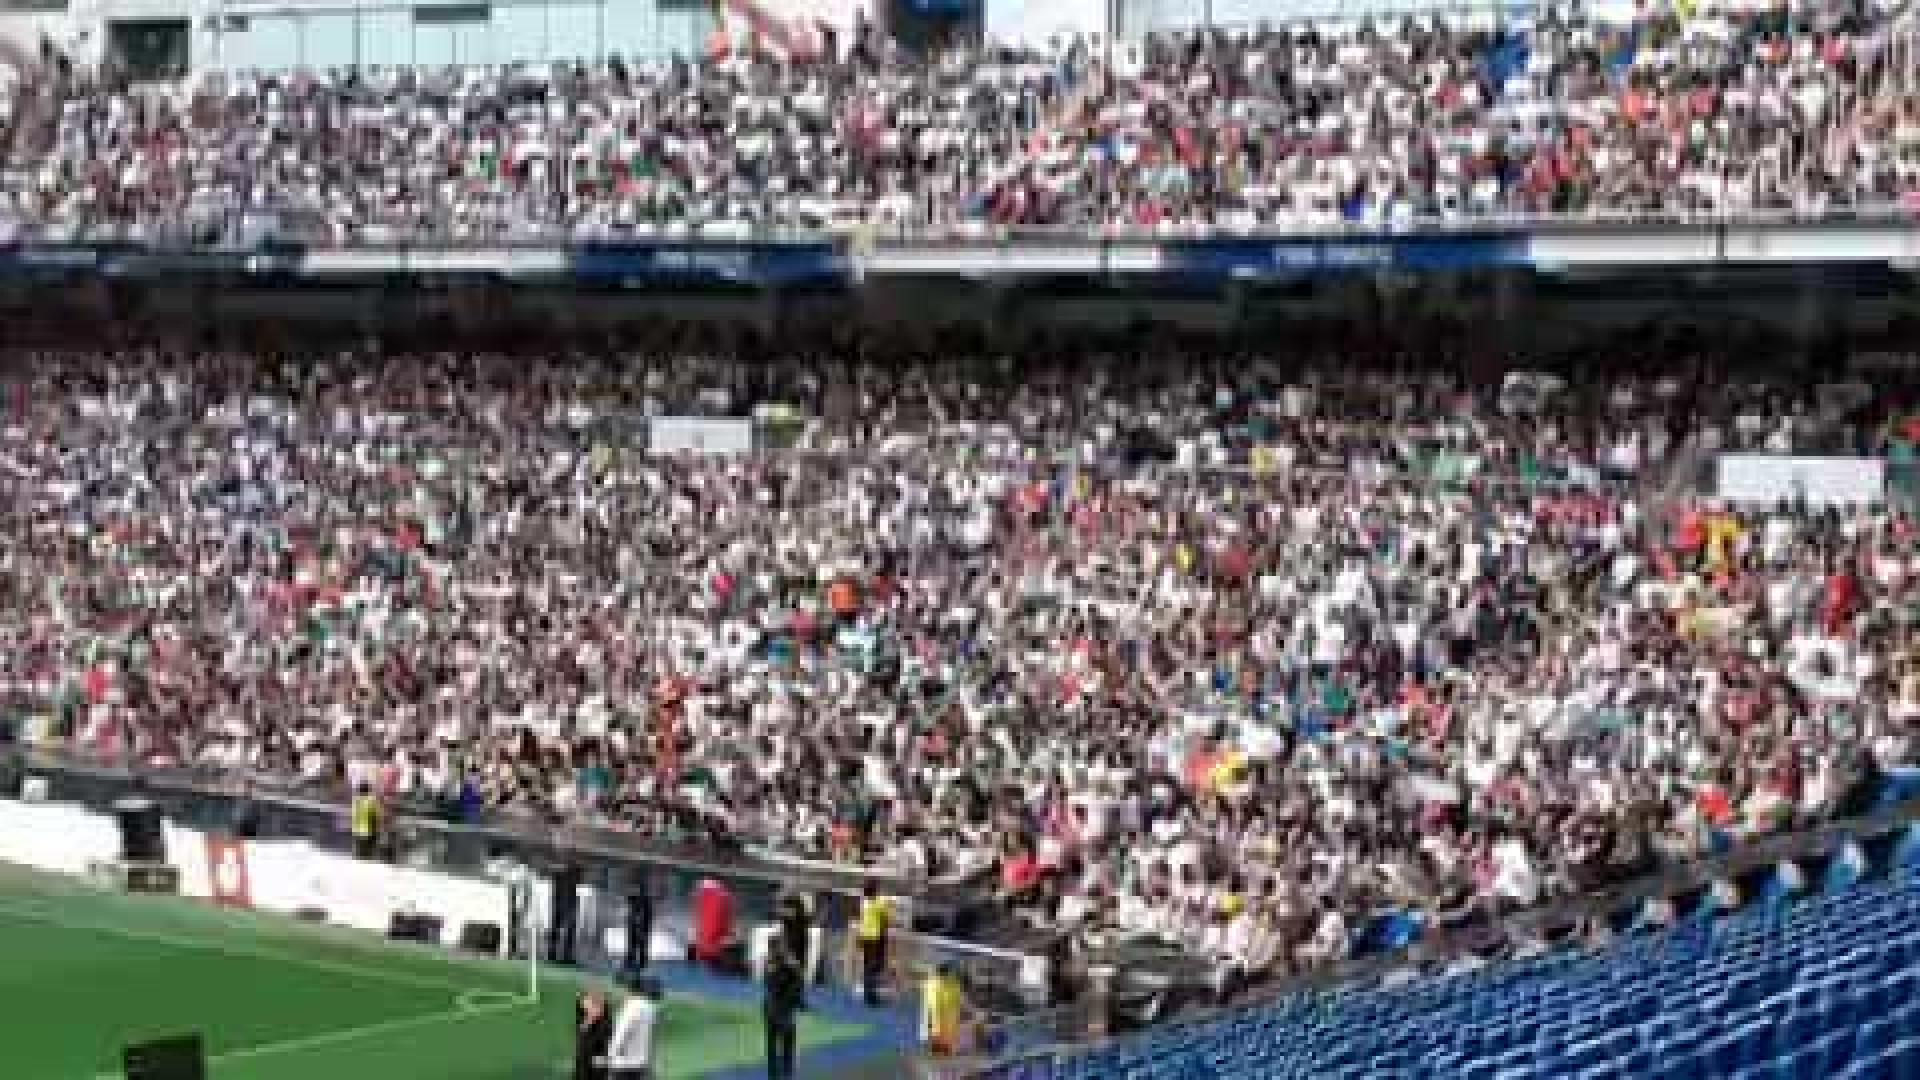 Enquanto Hazard era apresentado, adeptos no estádio pediam... Mbappé